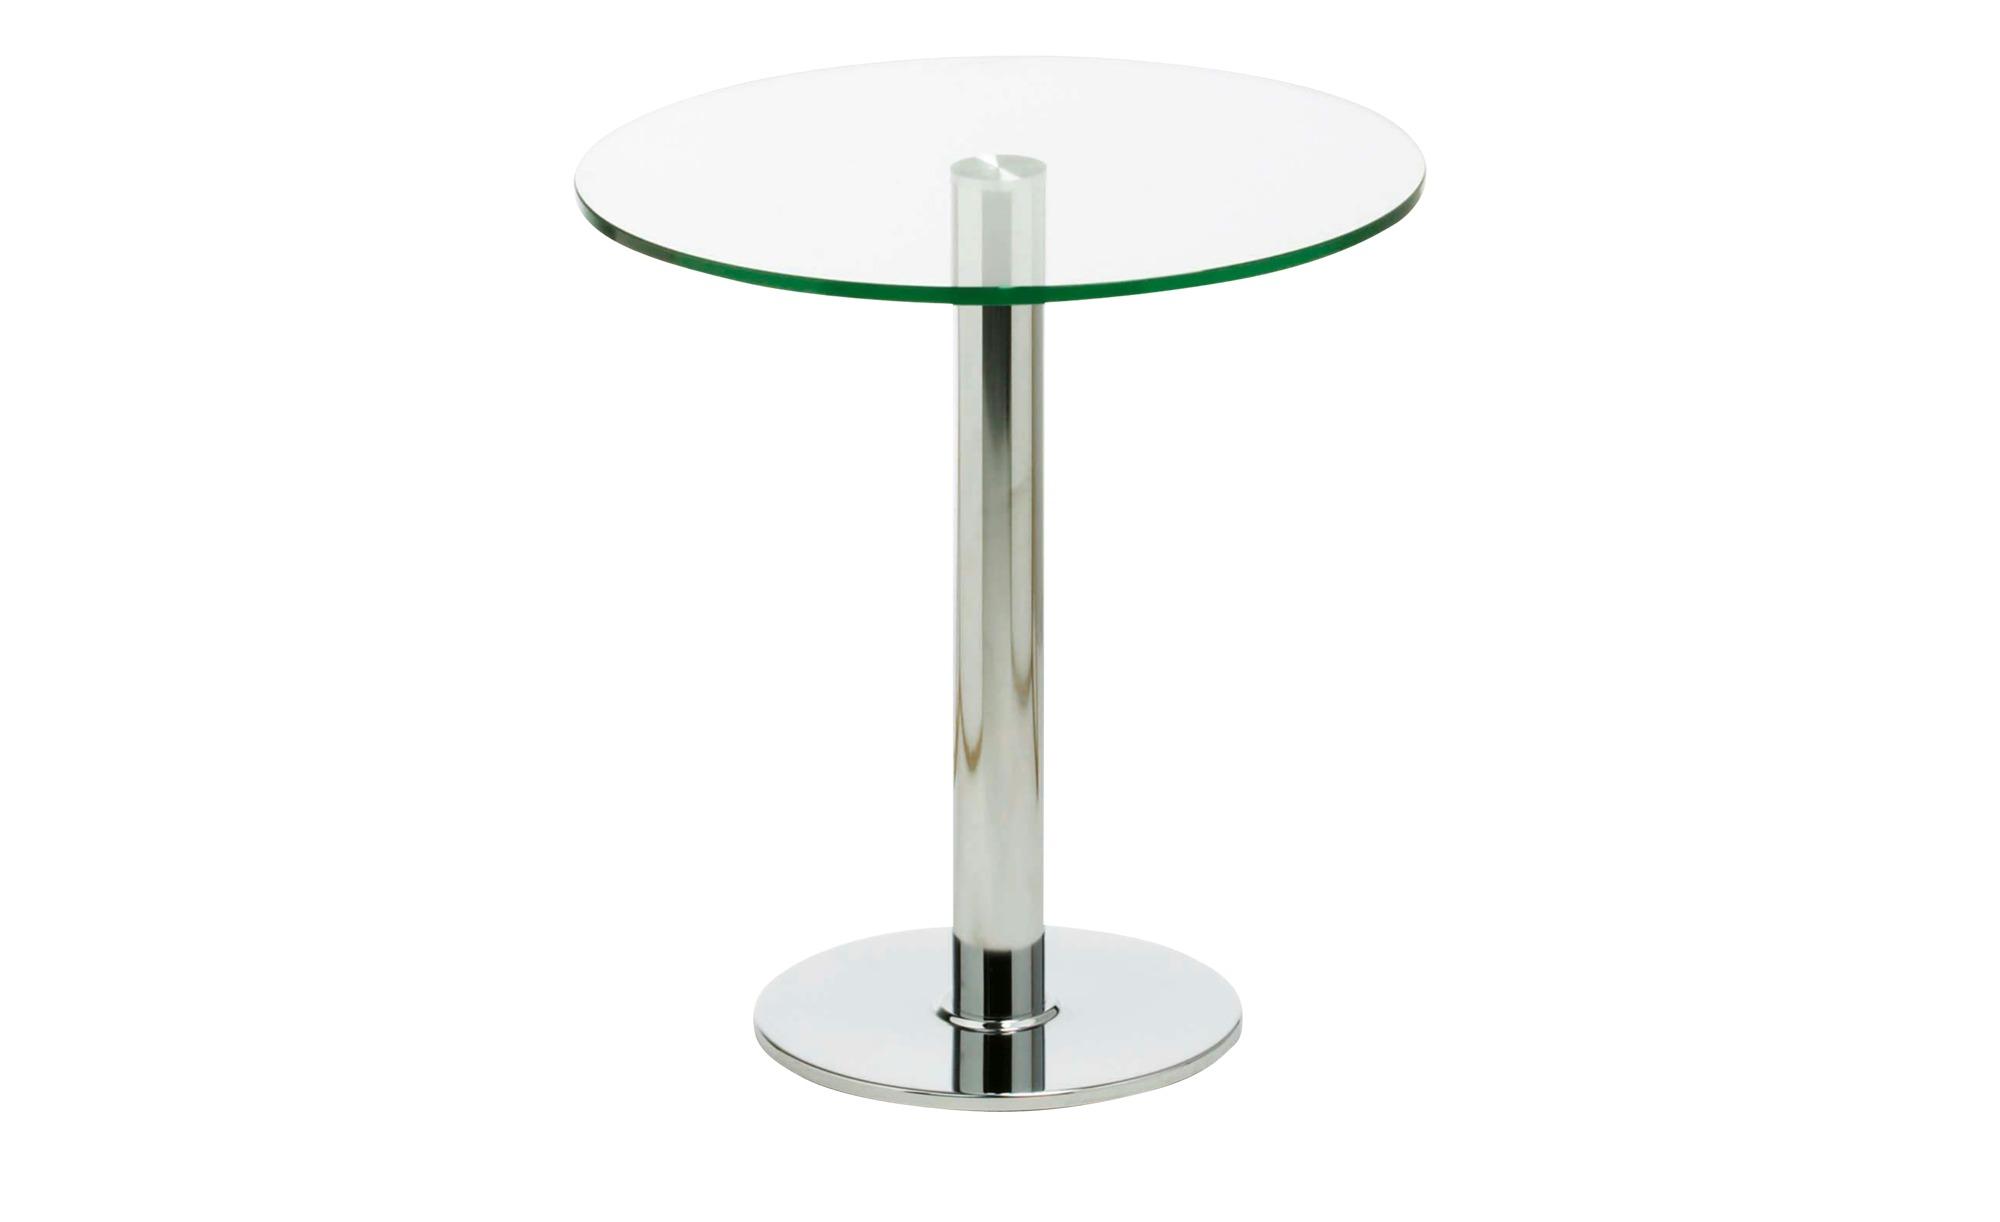 Esstisch  Top Netto ¦ transparent/klar ¦ Maße (cm): H: 73,5 Ø: [70.0] Tische > Esstische > Esstische rund - Höffner